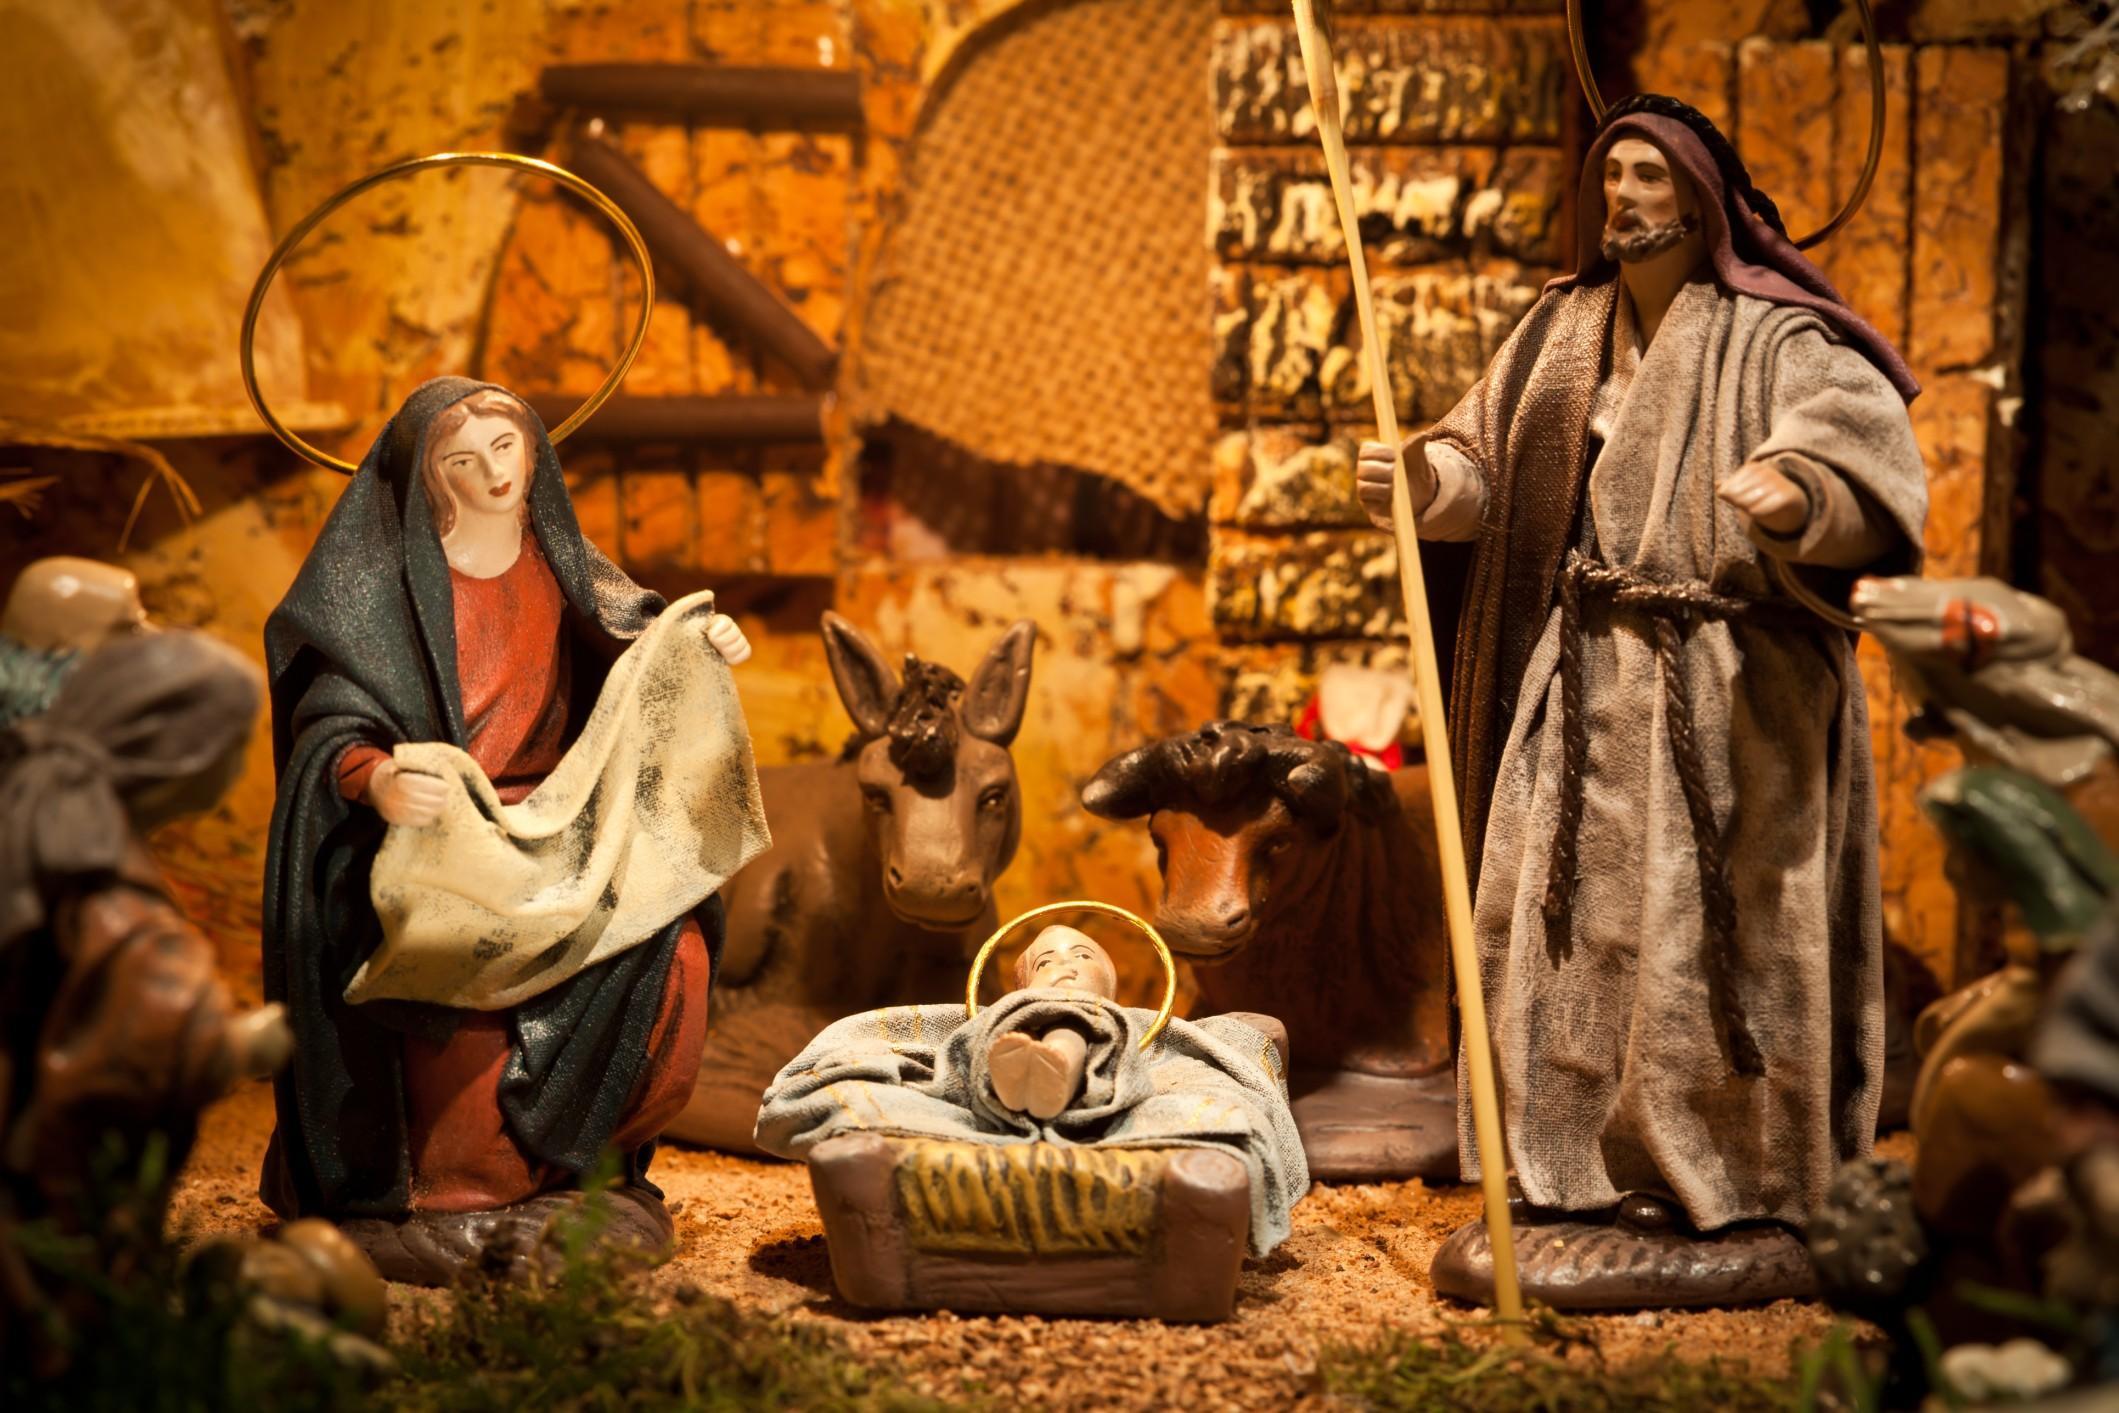 Foto Del Presepe Di Natale.Storia Del Presepe Origini E Significato Studentville